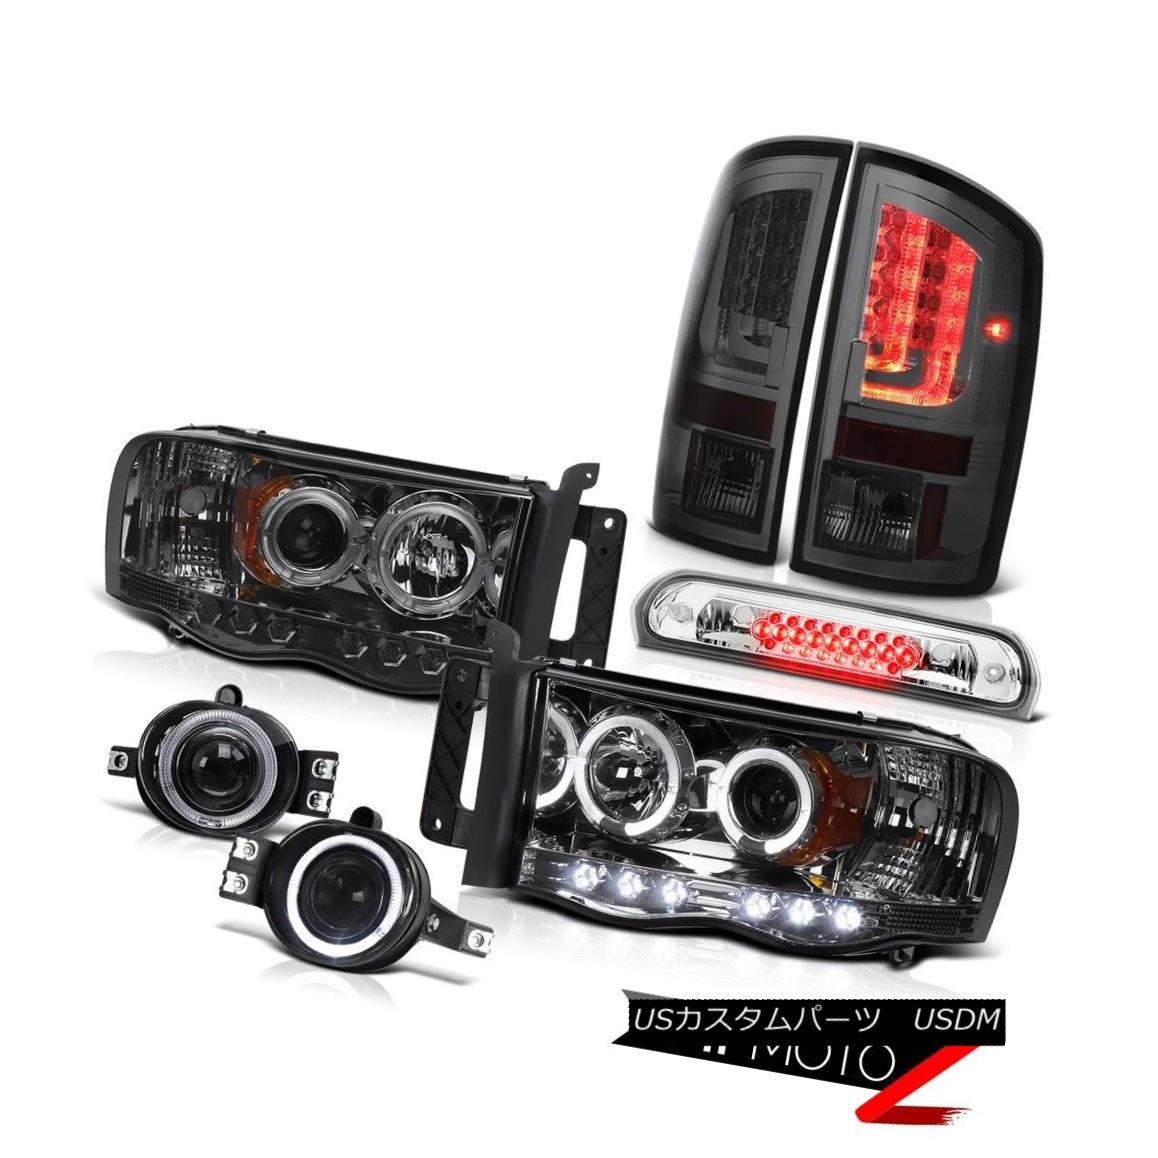 テールライト 2003-2005 Dodge Ram 3500 5.9L Tail Lamps Headlamps Fog Roof Cab Light Tron Tube 2003-2005 Dodge Ram 3500 5.9Lテールランプヘッドランプ霧屋根キャブライトTron Tube